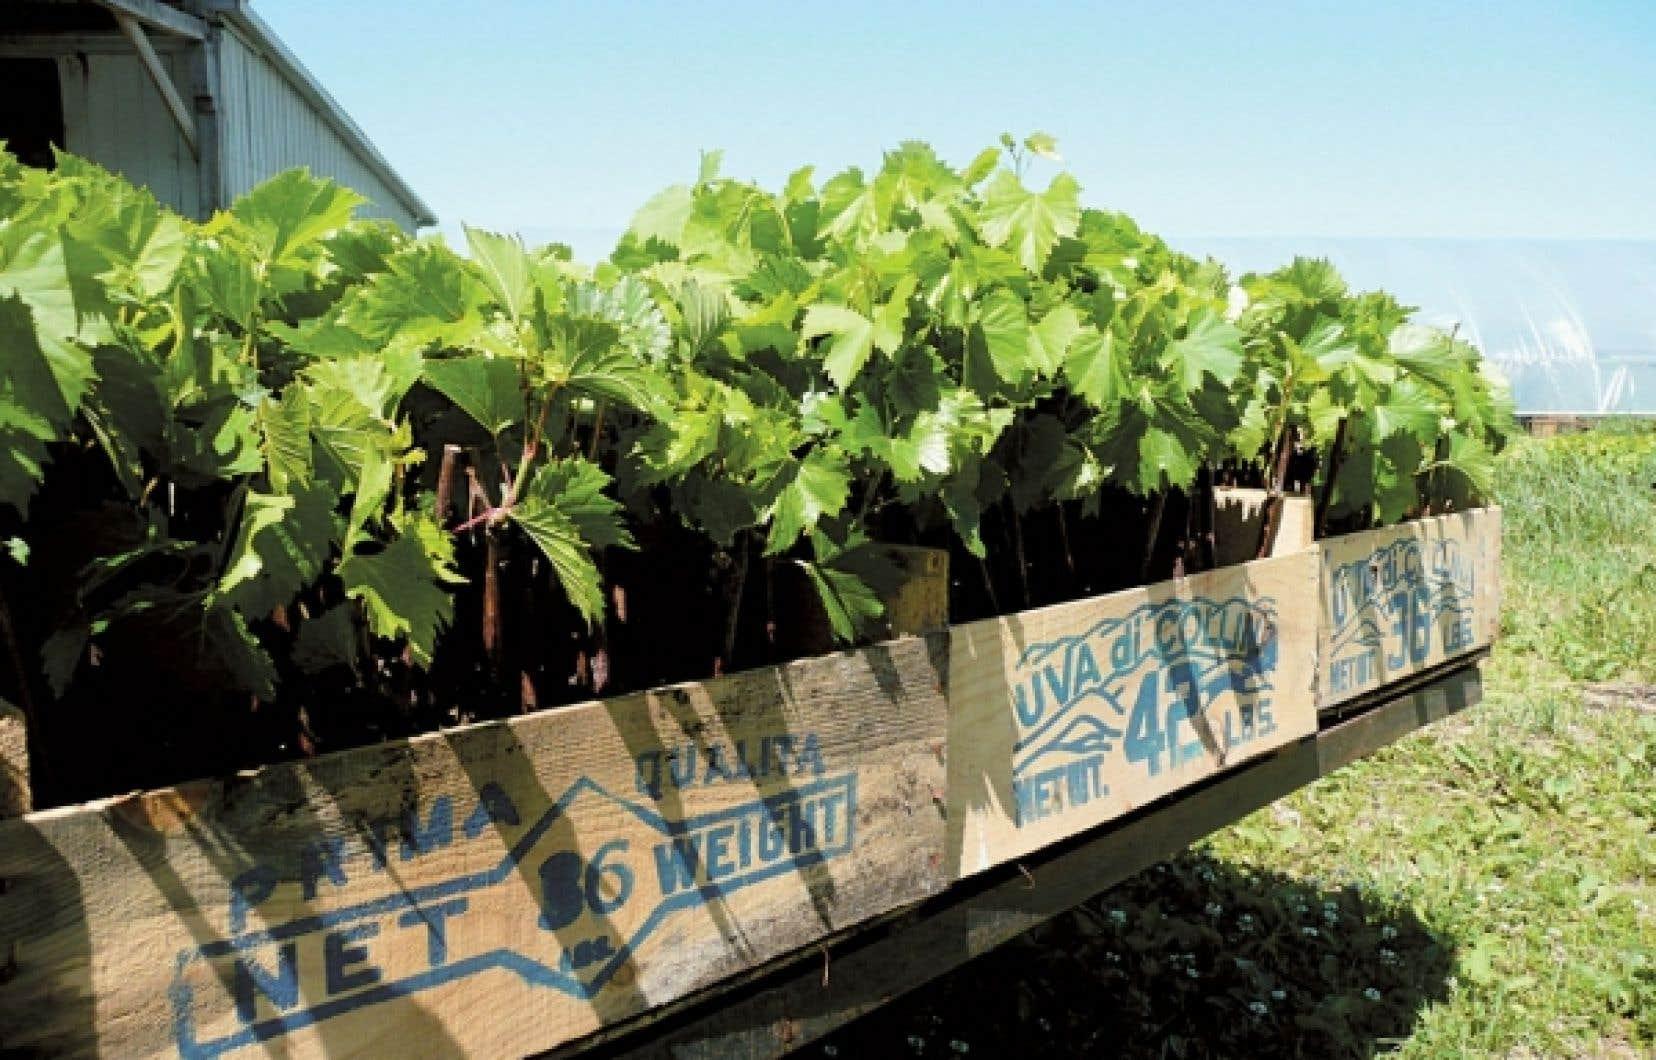 Des boutures de vignes de raisins de table rustiques au Québec, qui sont faciles à cultiver et dont le goût n'a rien à envier aux raisins importés. Elles ont été produites par Vignes chez soi.